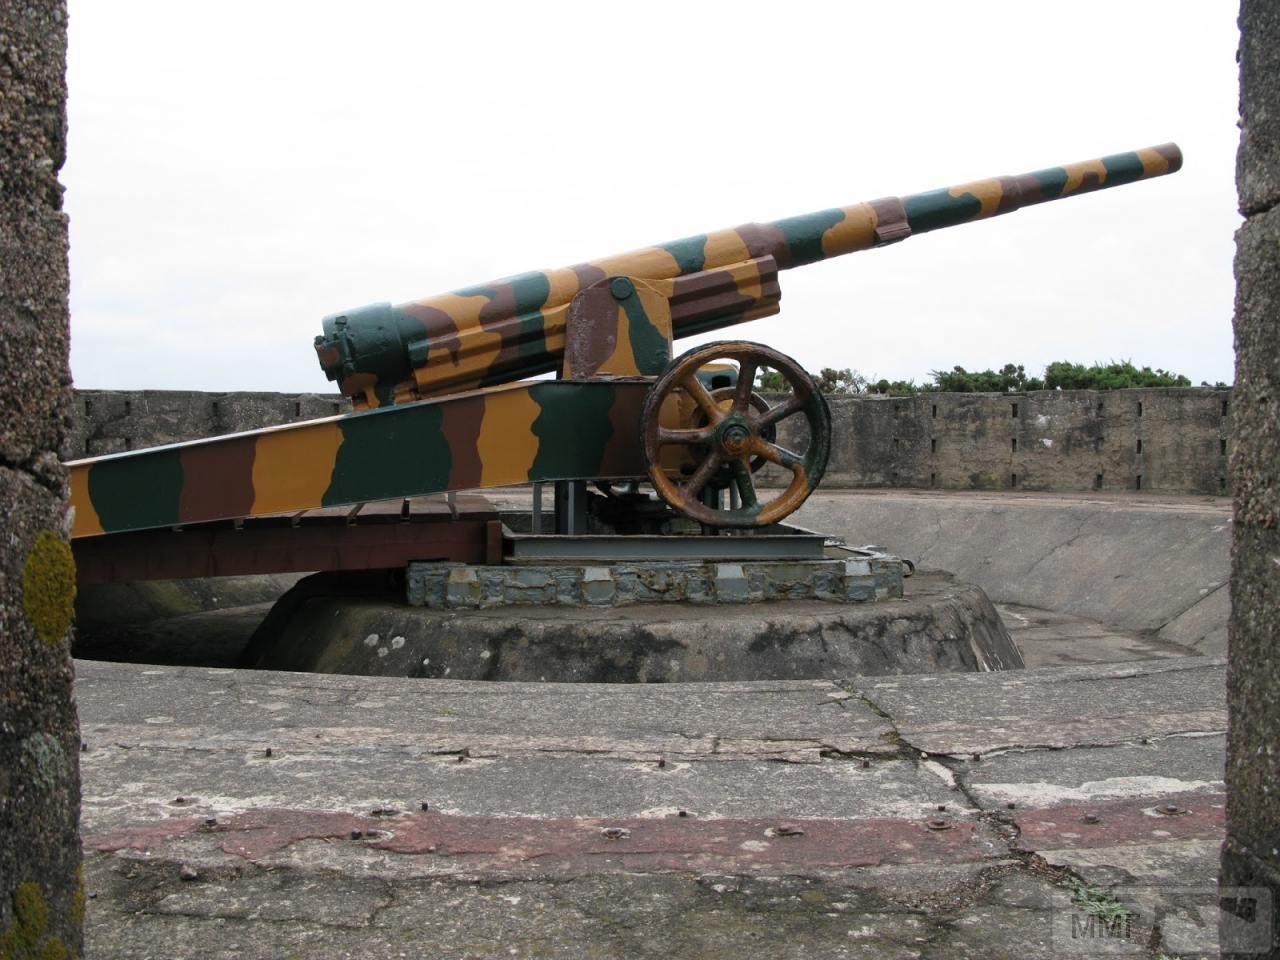 94858 - Корабельные пушки-монстры в музеях и во дворах...